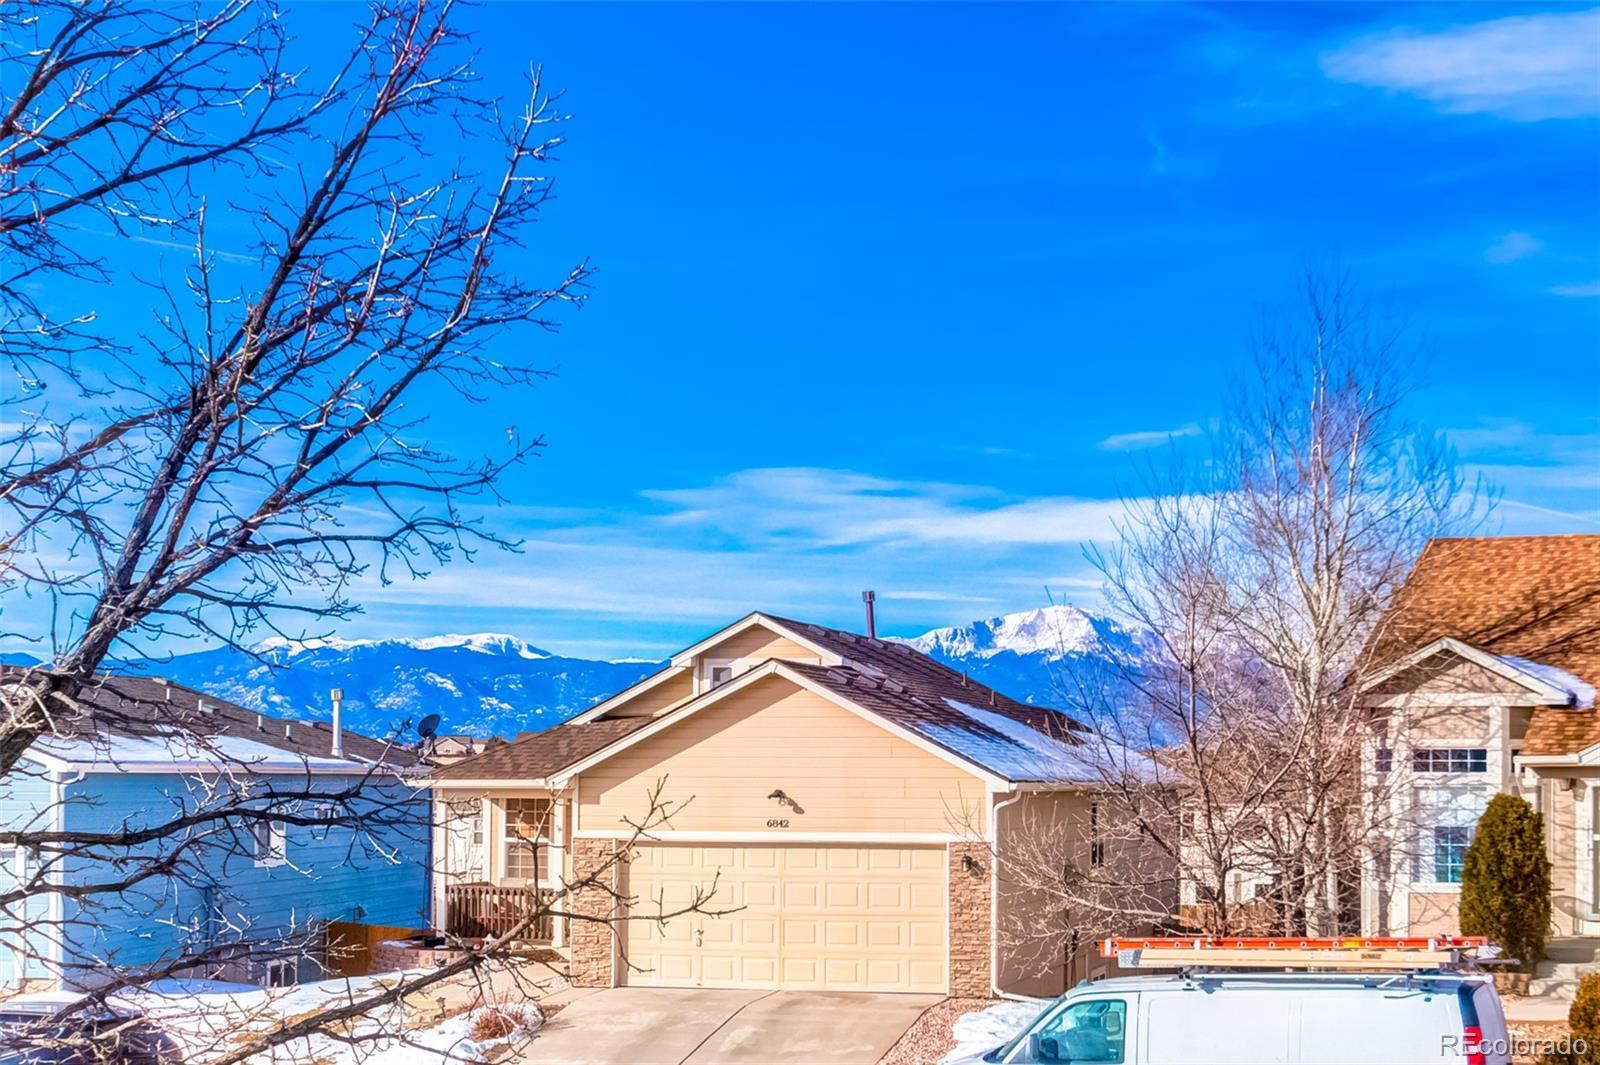 MLS# 8611656 - 24 - 6847 Lost Springs Drive, Colorado Springs, CO 80923